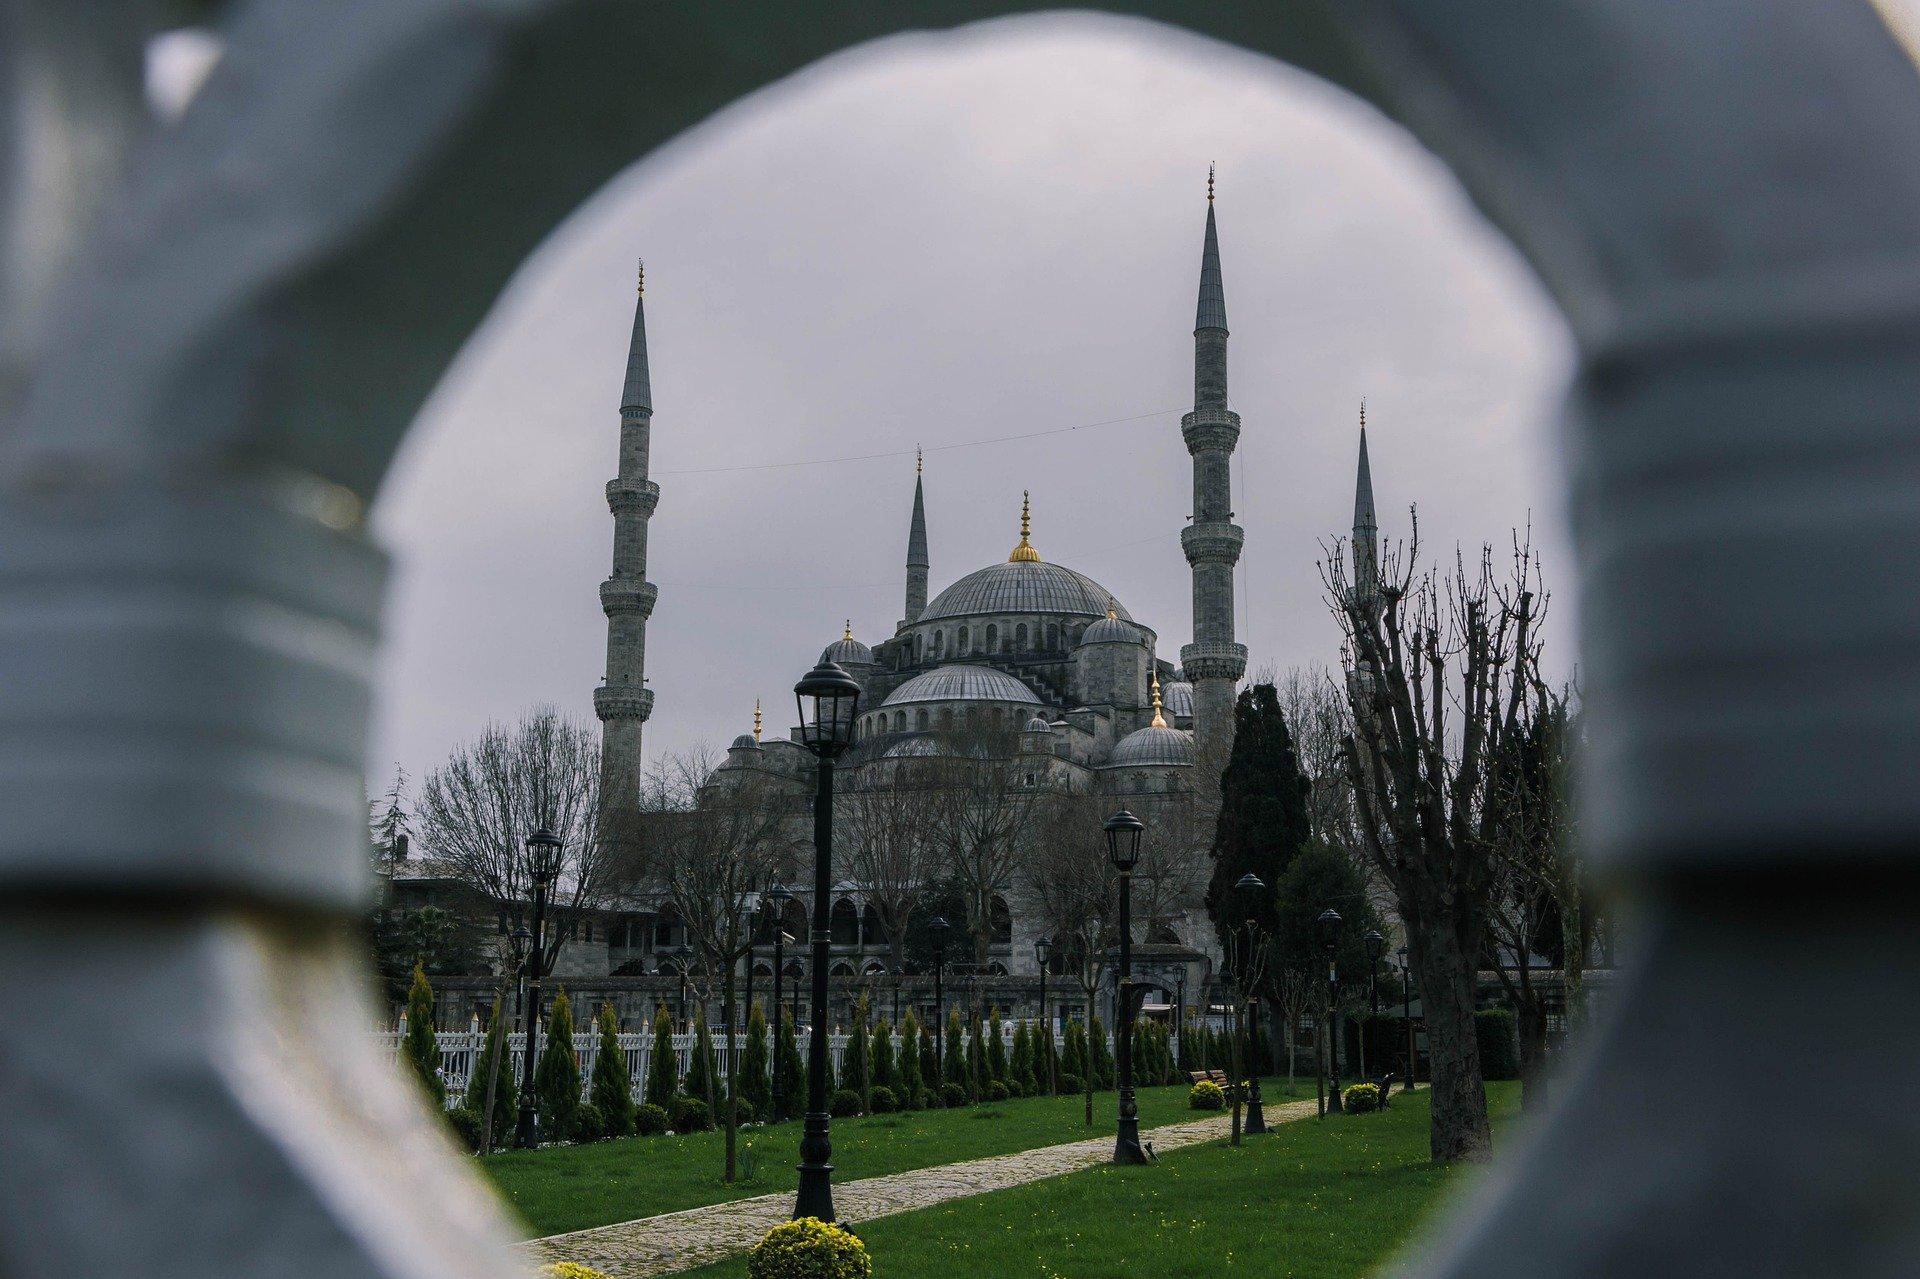 Исламская финансовая модель: опыт Центральной Азии и перспективы